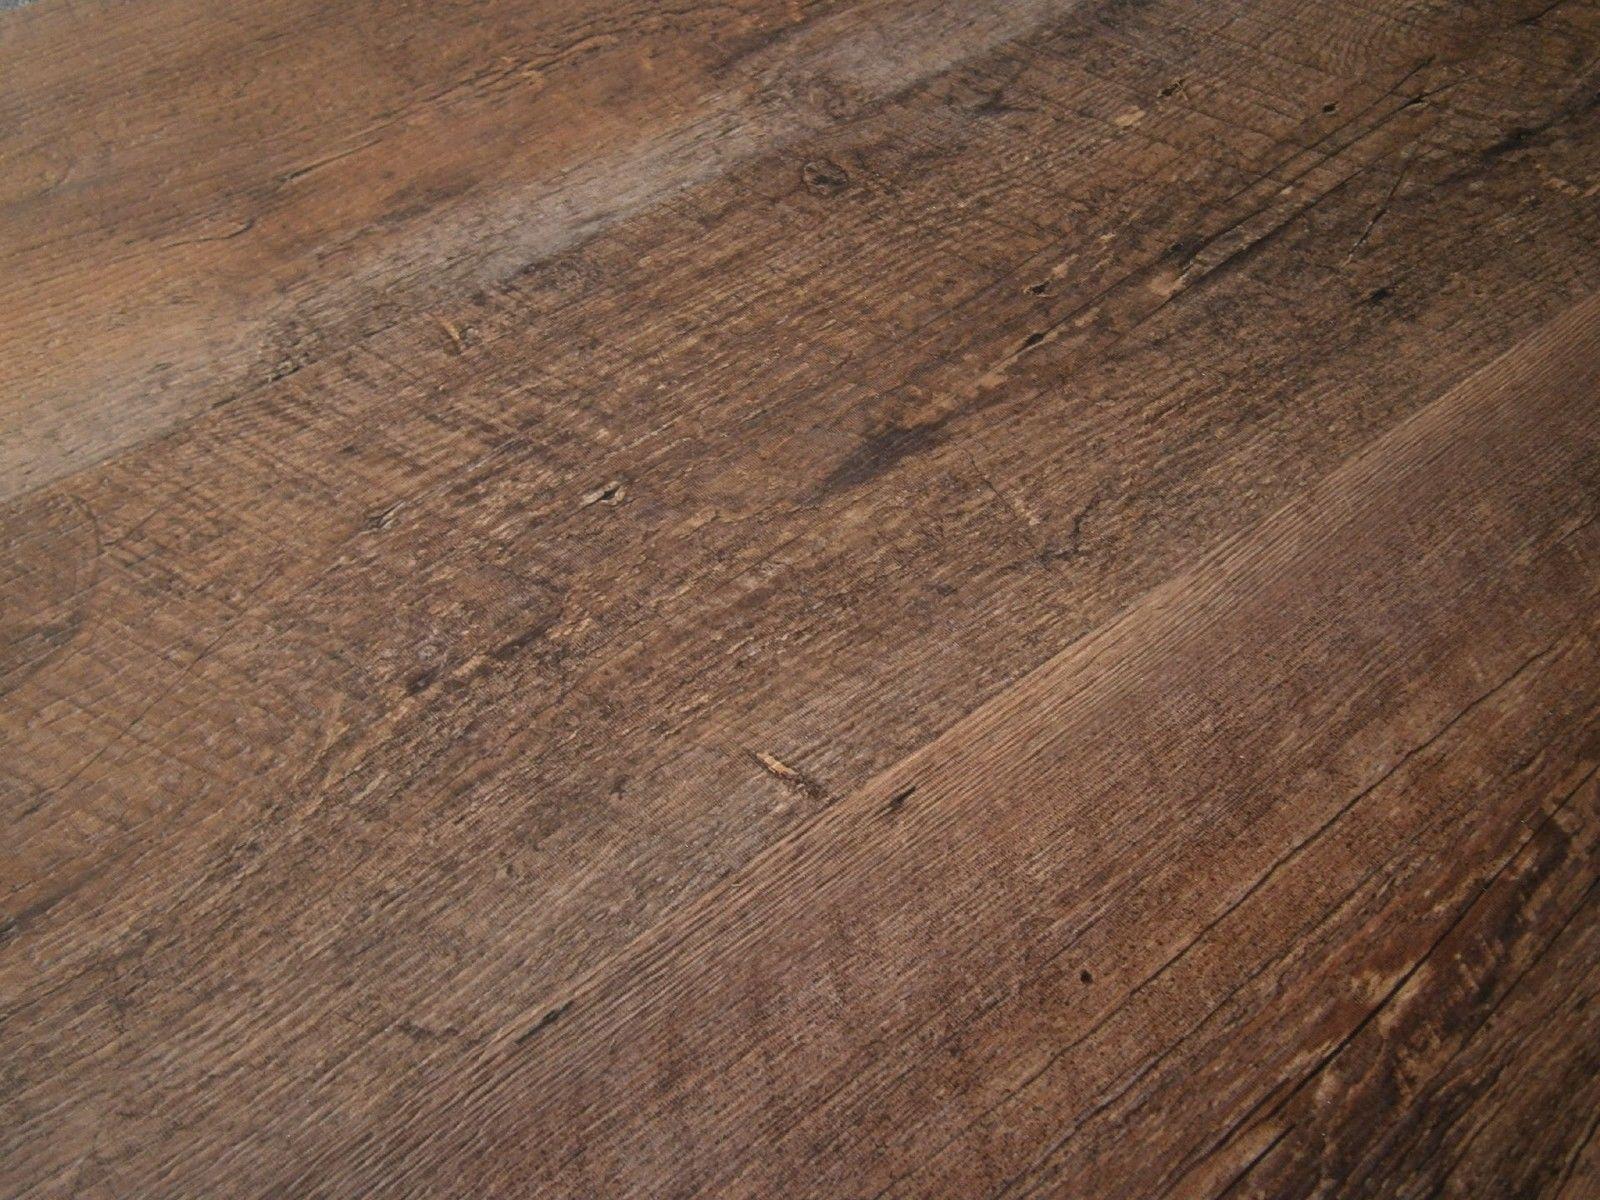 klick vinylboden designboden berryalloc pureloc eiche ingwer lhd ebay sandra und michel. Black Bedroom Furniture Sets. Home Design Ideas